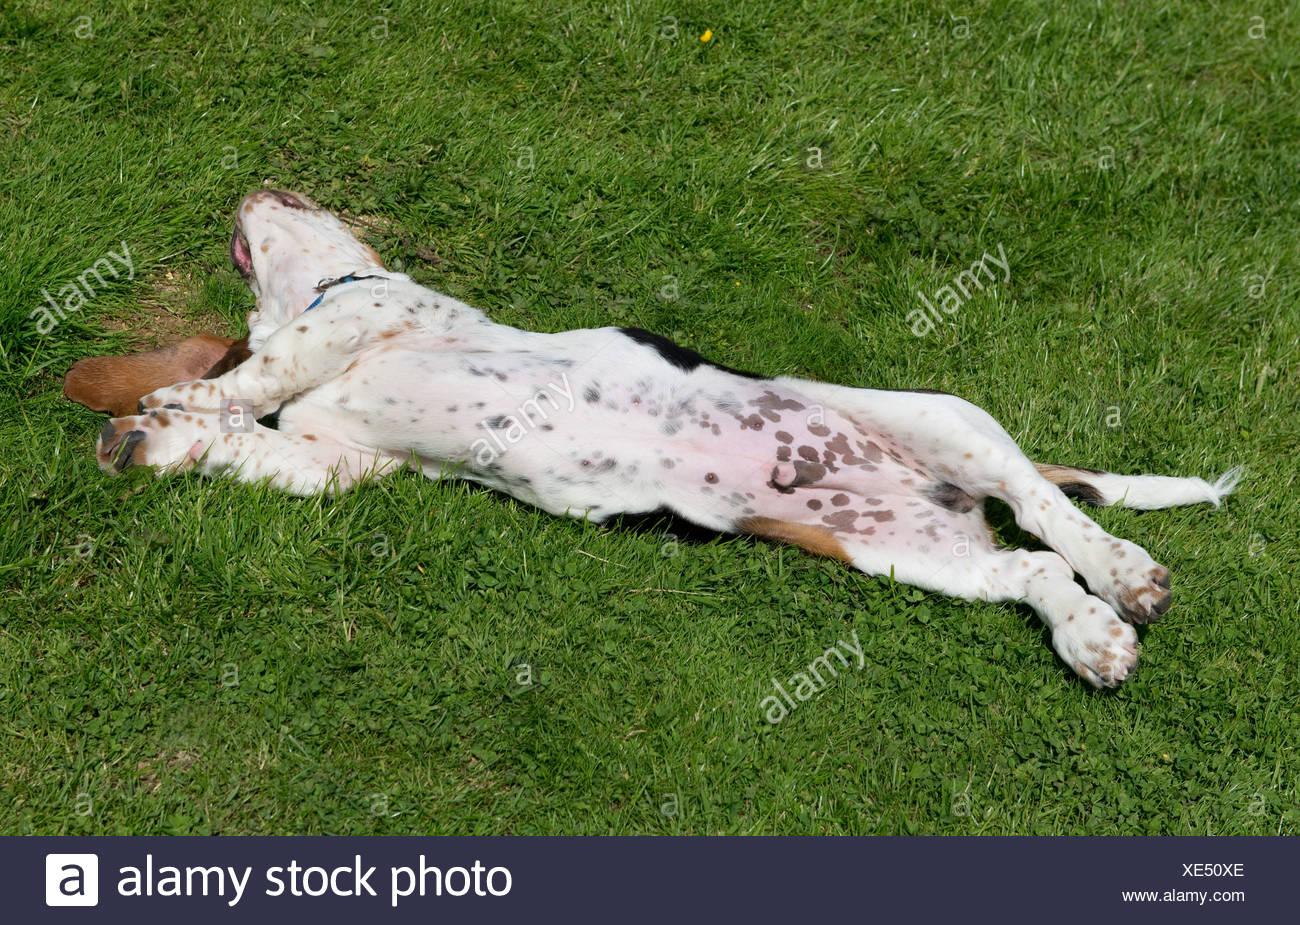 Quatre mois chiot basset hound roulant sur son dos Photo Stock